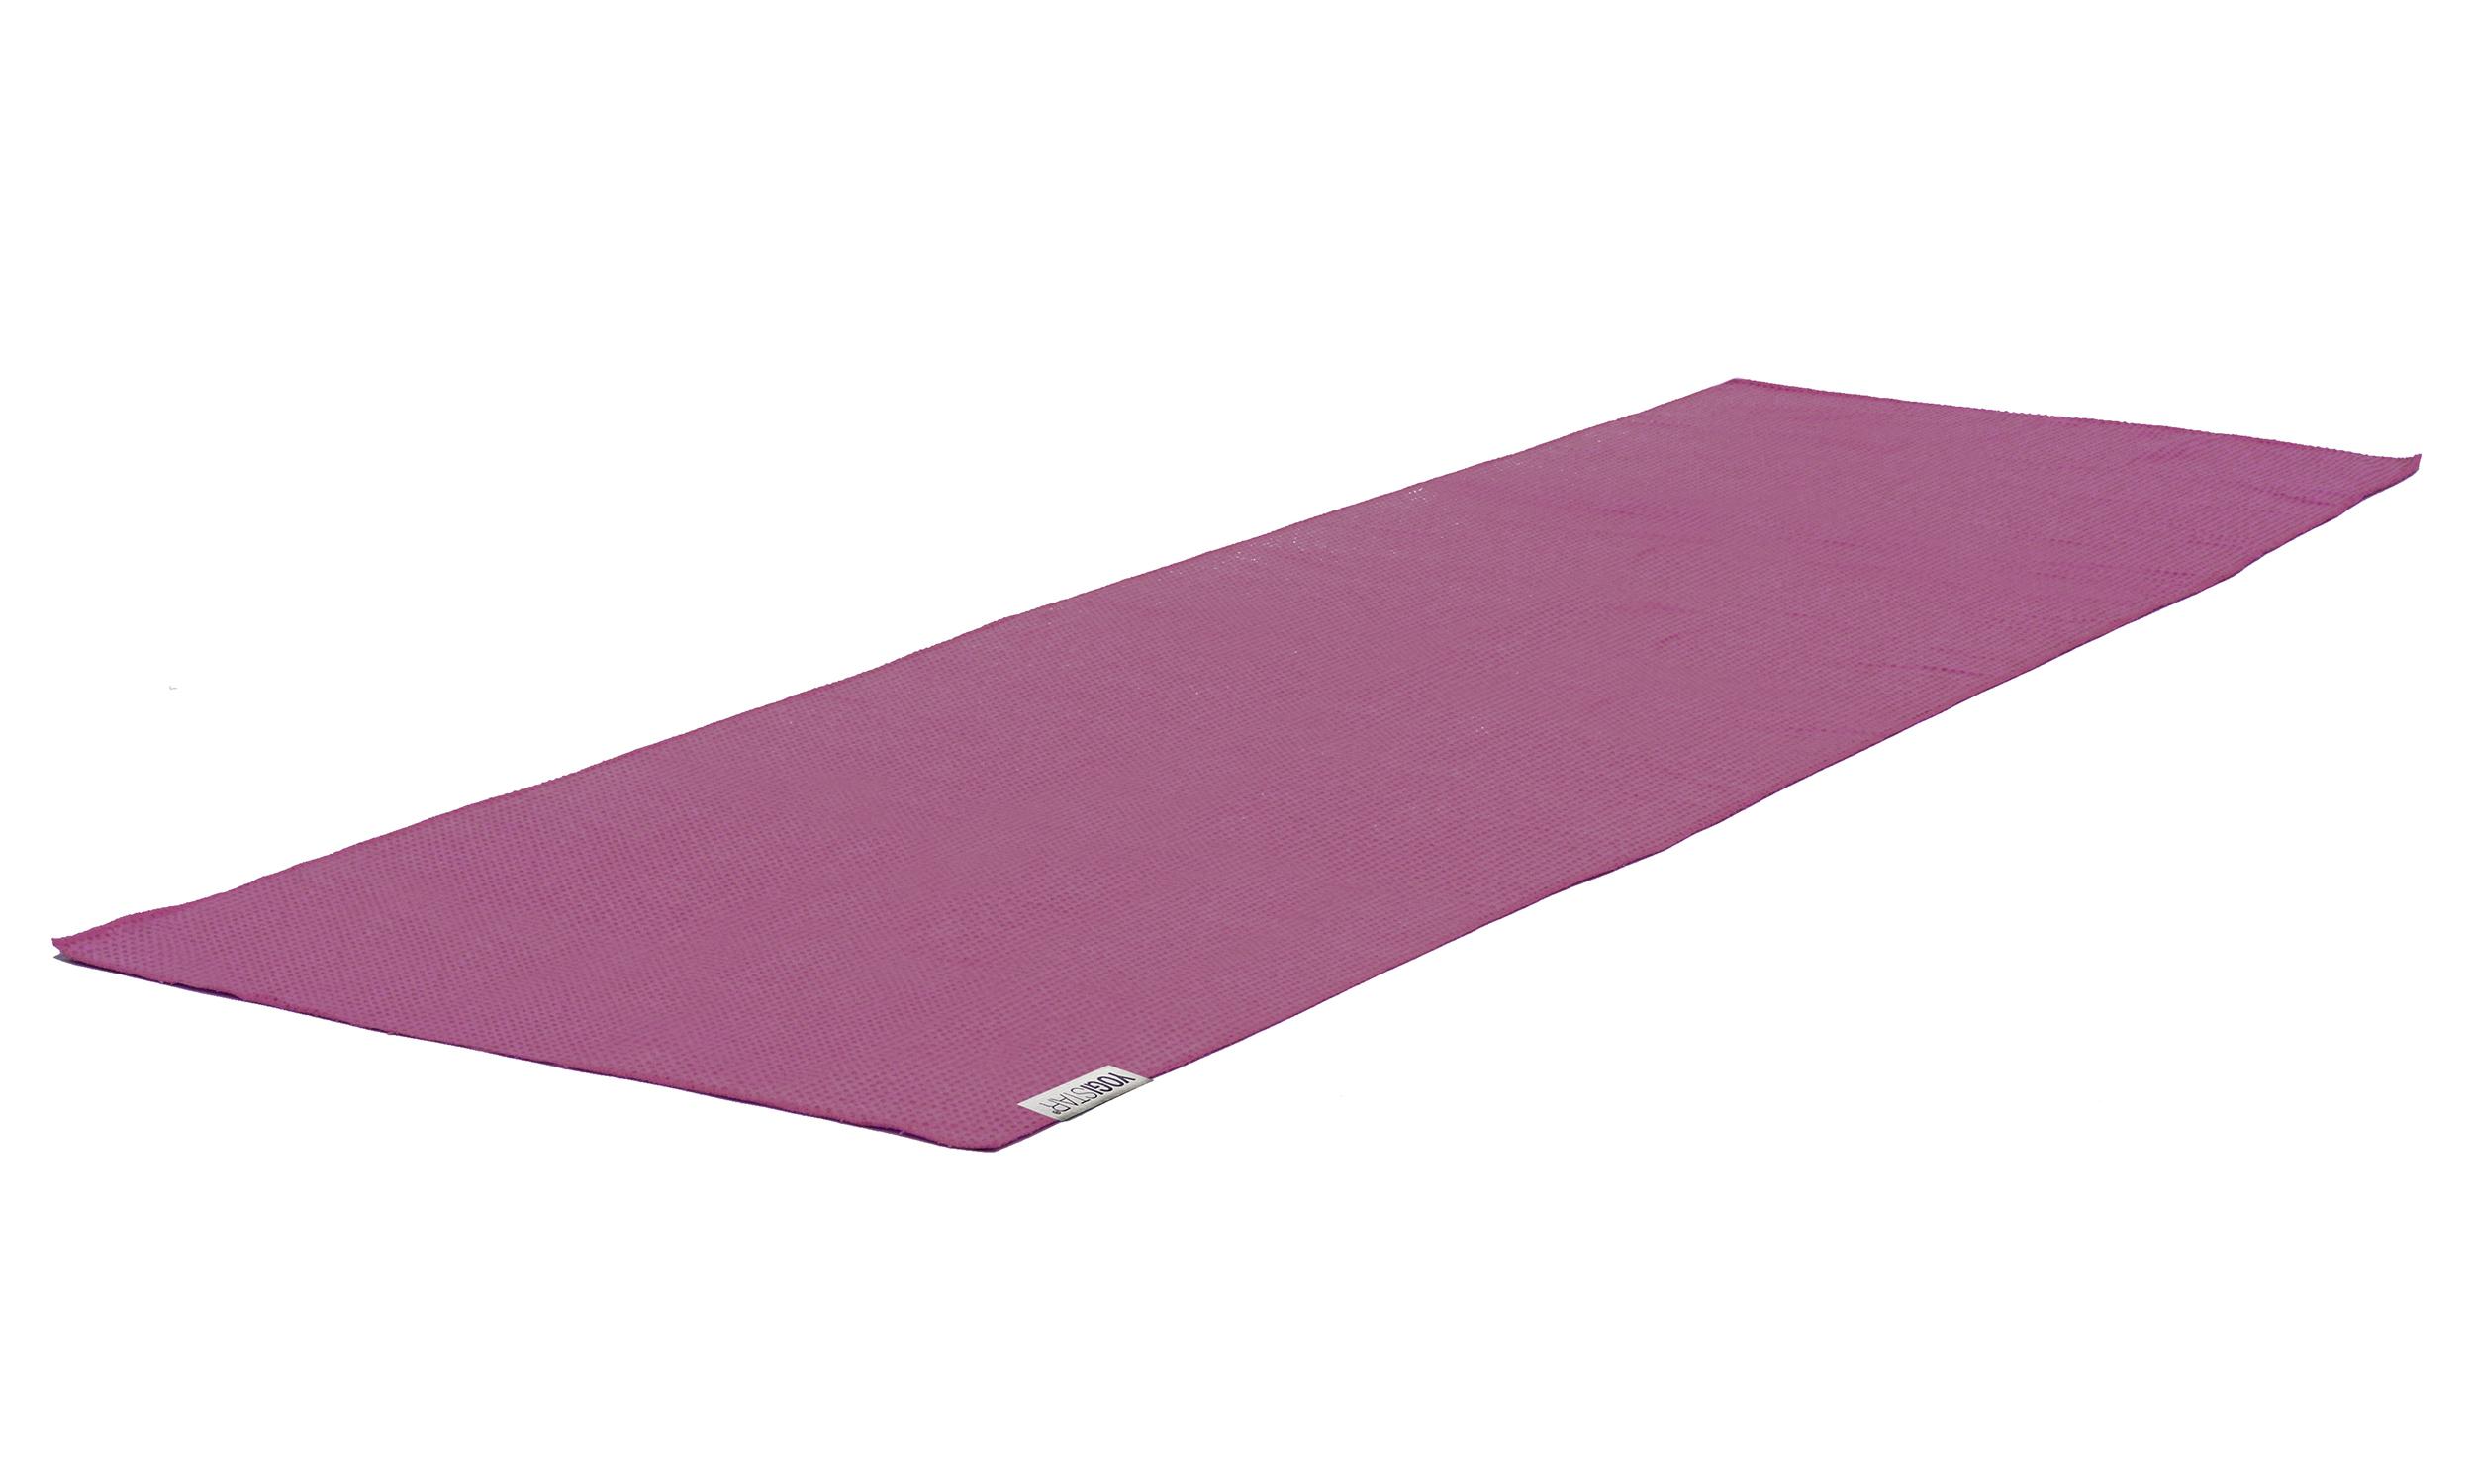 Yoga towel 'Yogitowel® Deluxe'